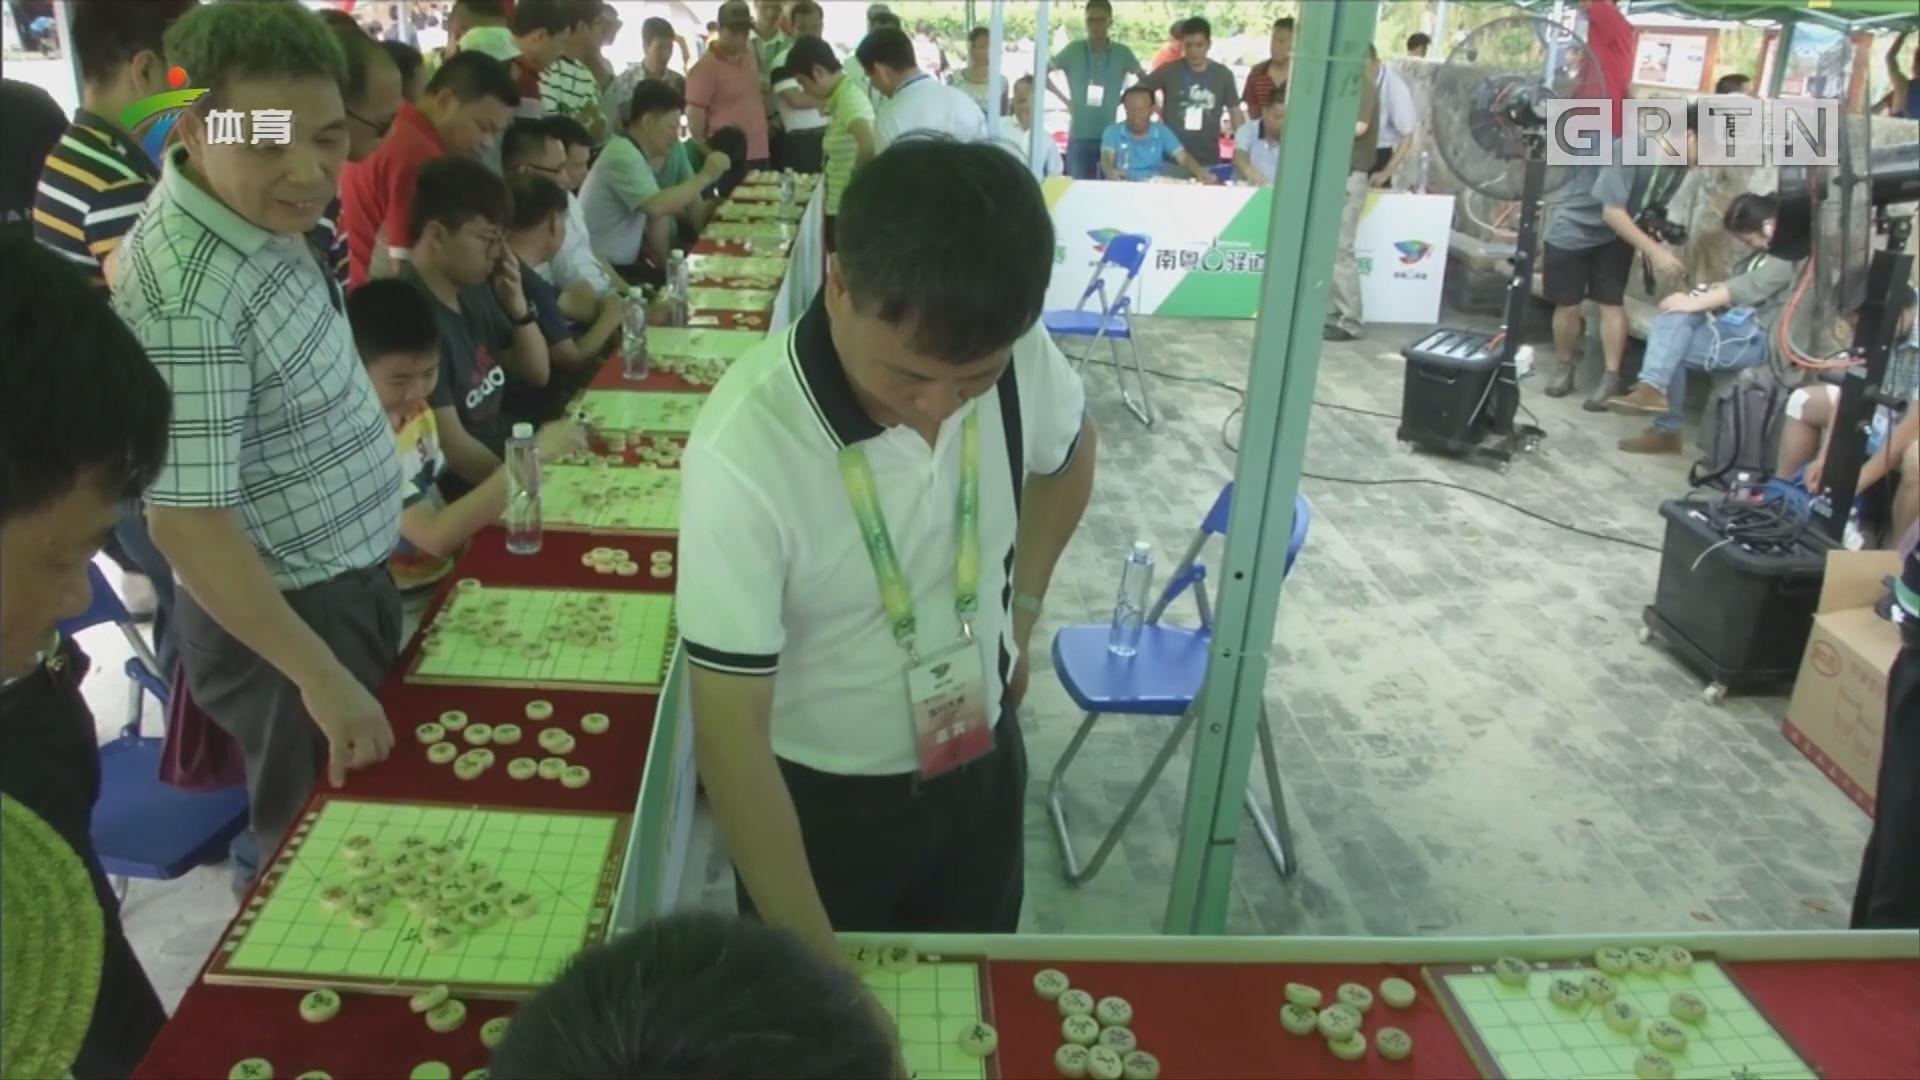 下象棋 看展览 定向大赛周边亦精彩